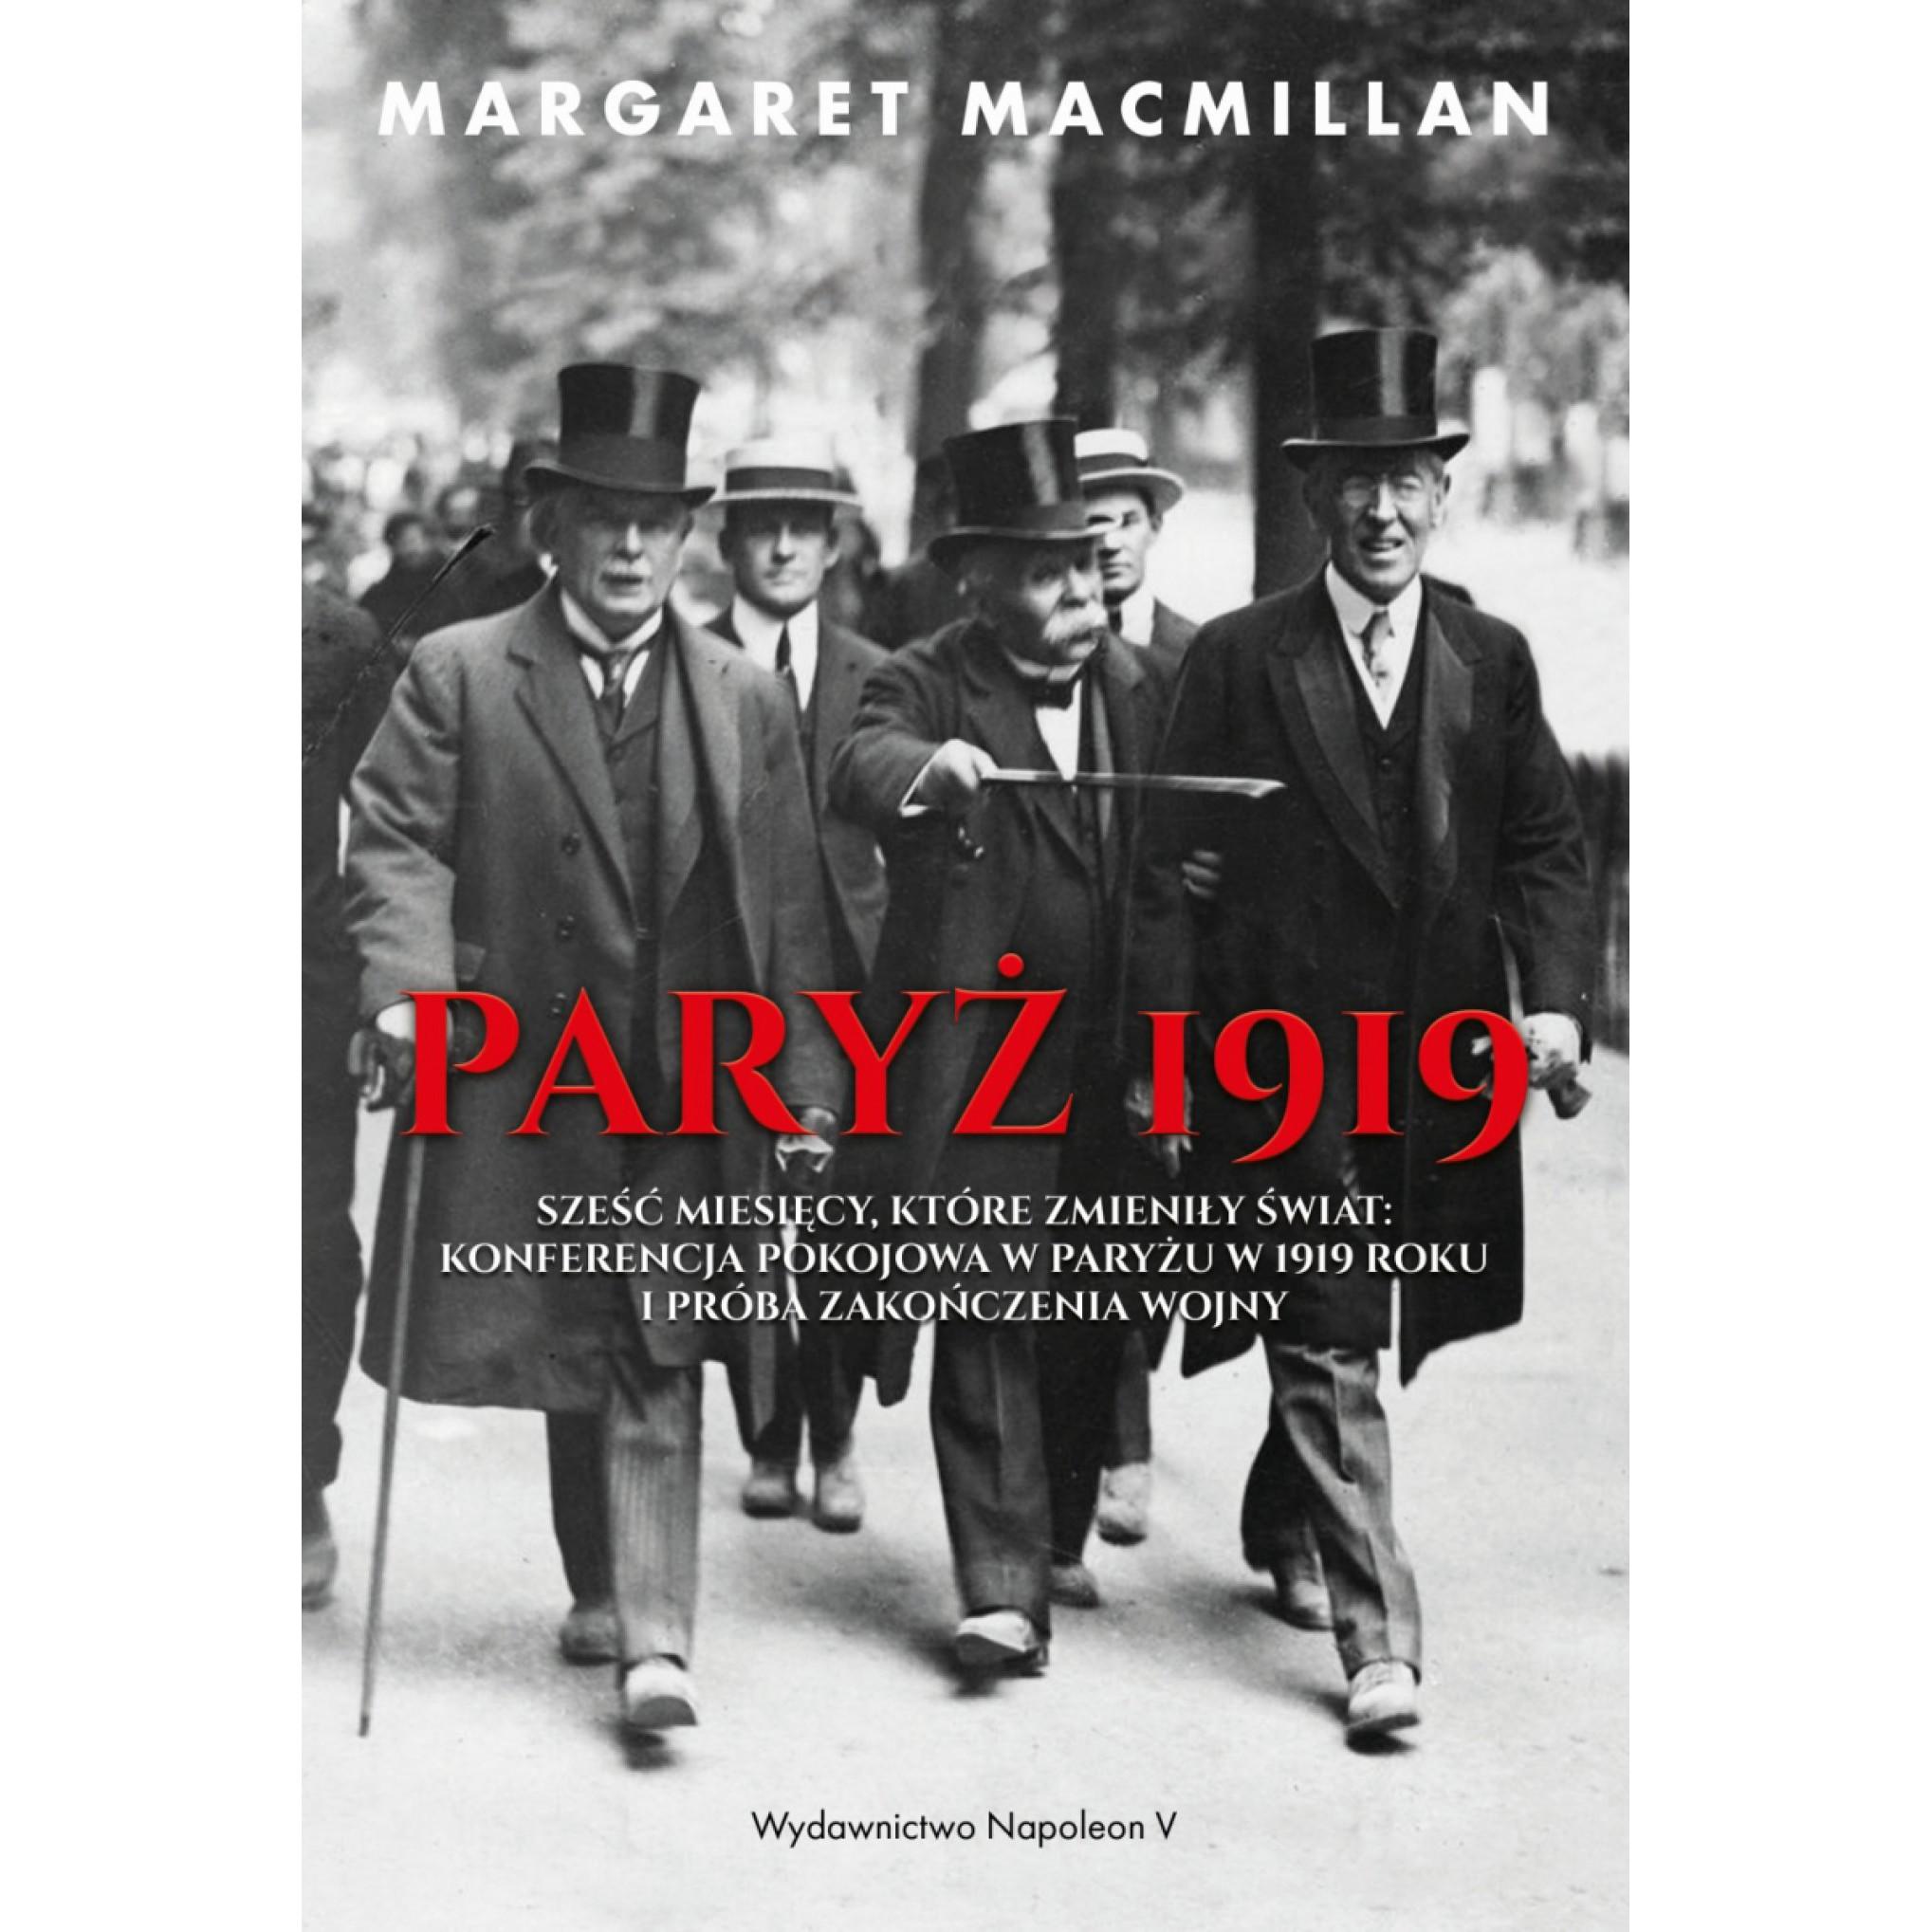 Paryż 1919. Sześć miesięcy, które zmieniły świat konferencja pokojowa w Paryżu w 1919 roku i próba zakończenia wojny miękka